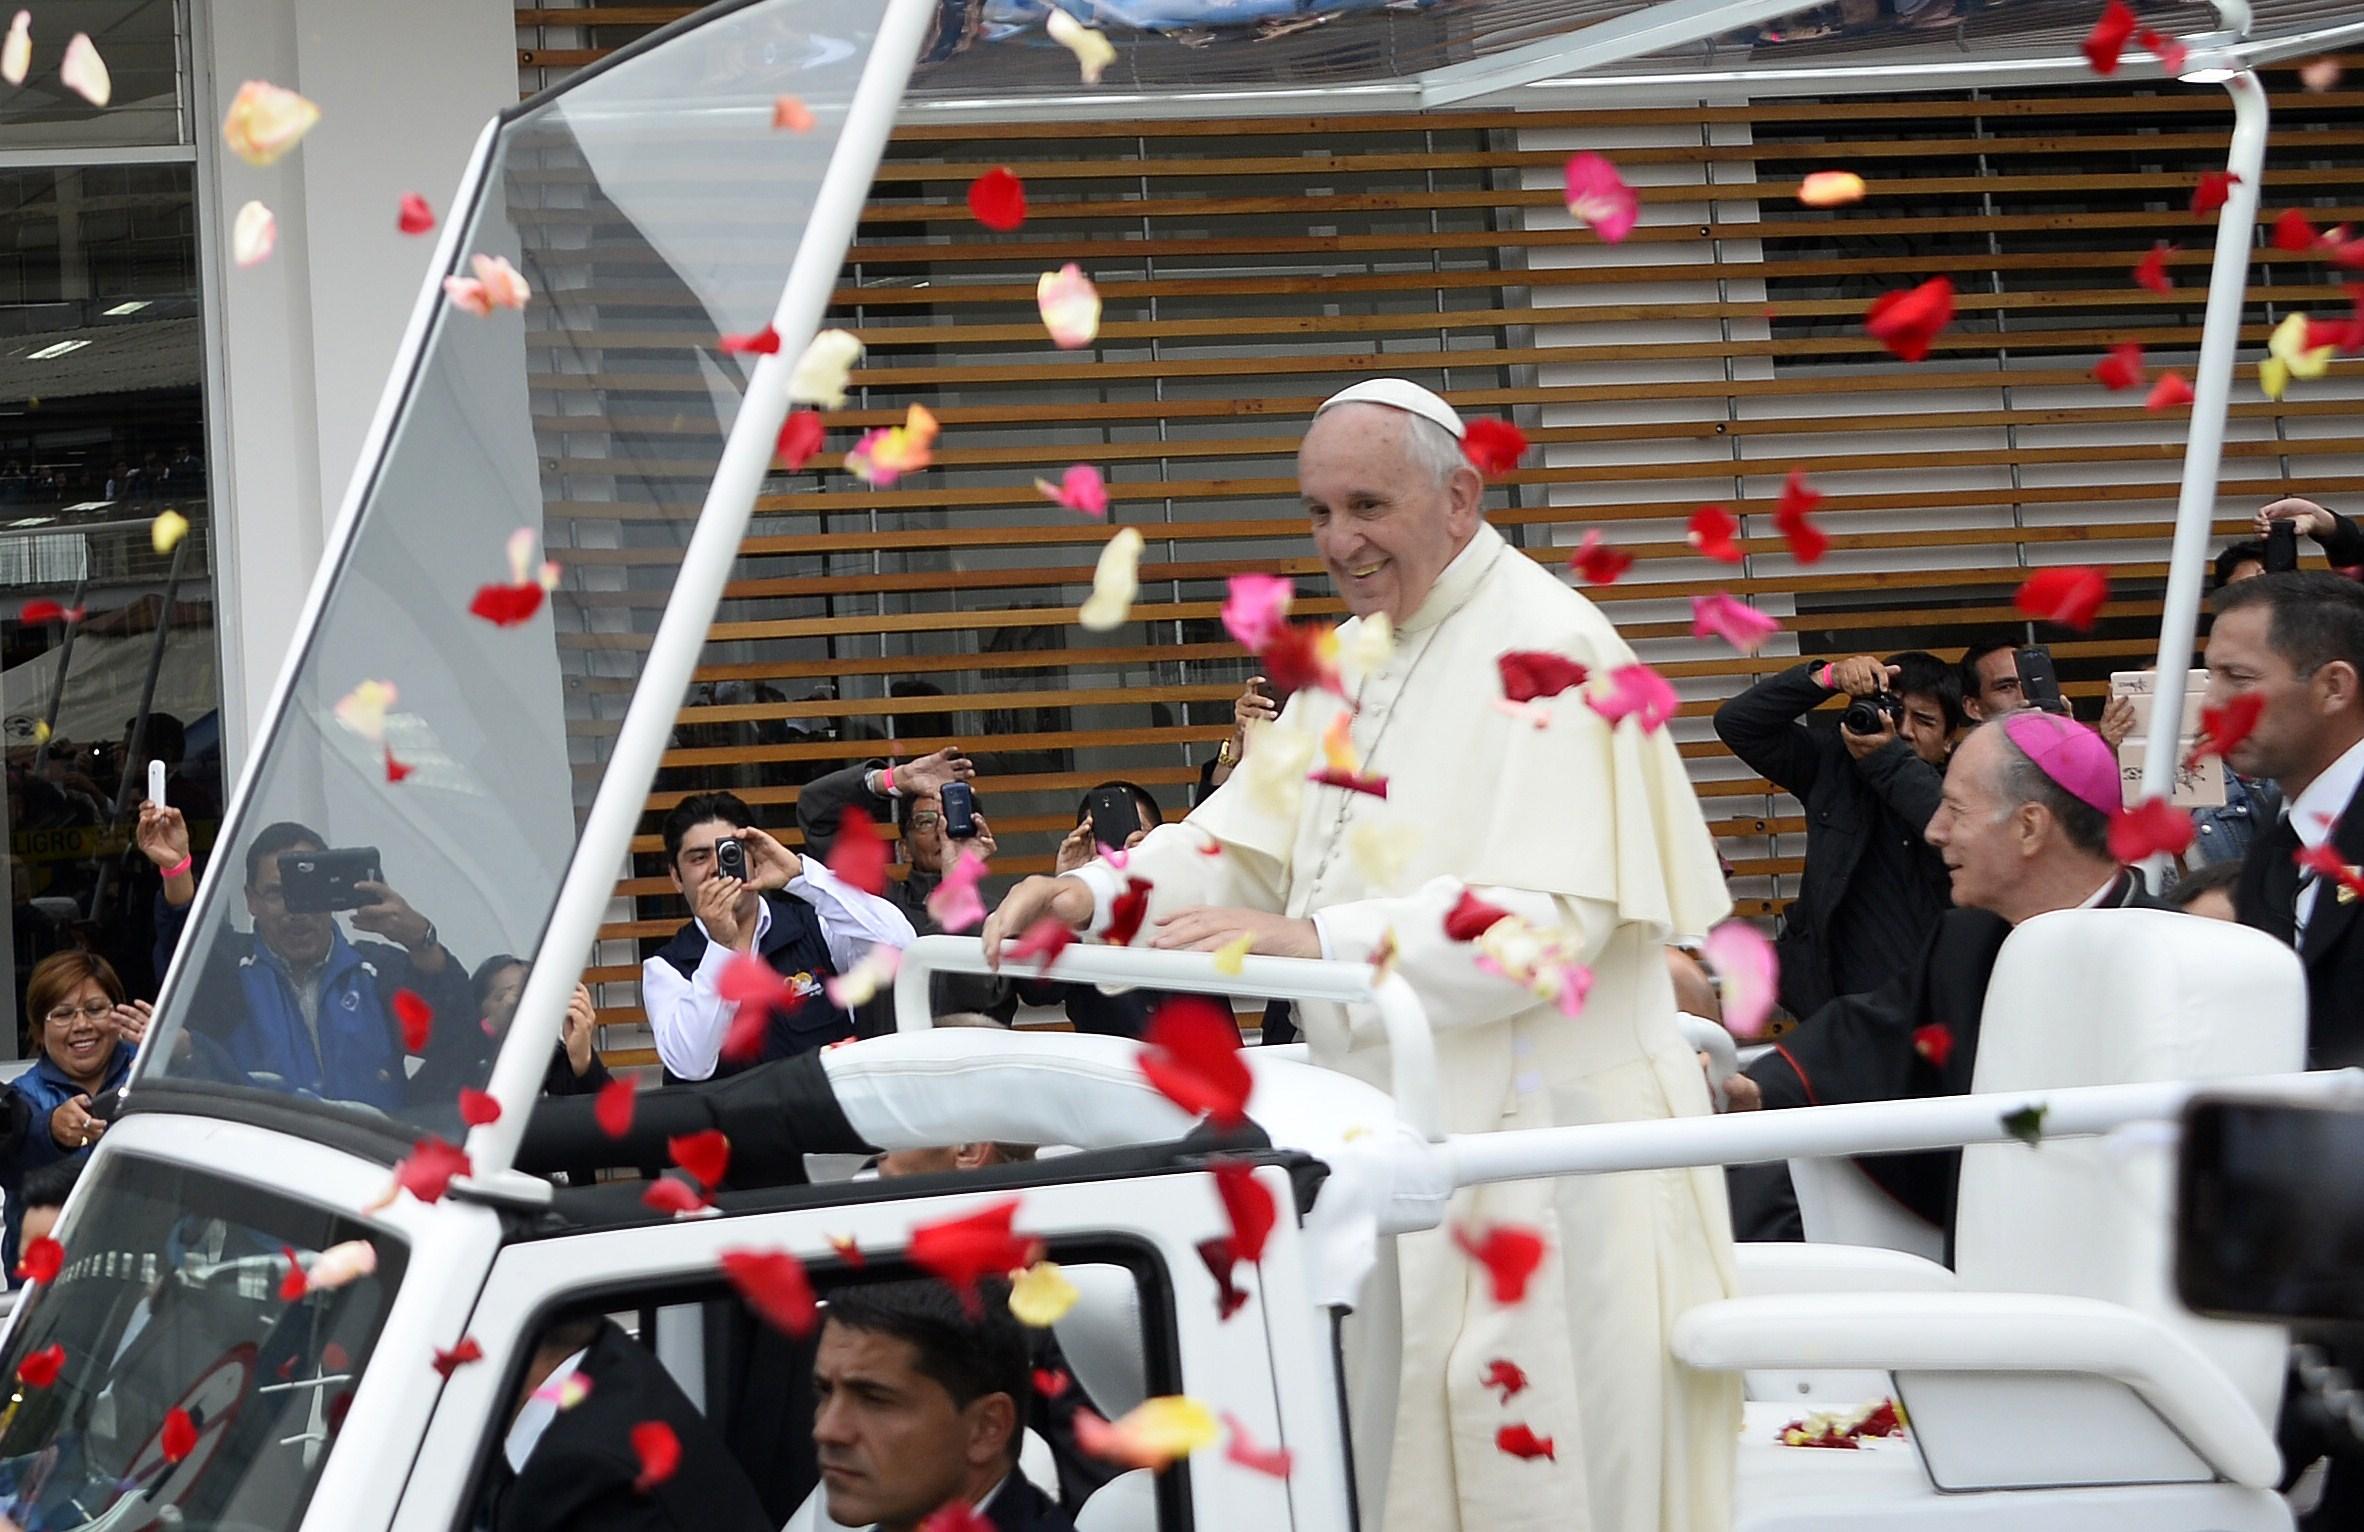 Папа в Эквадоре: встреча с епископатом и Святая Месса в Парке Бисентенарио